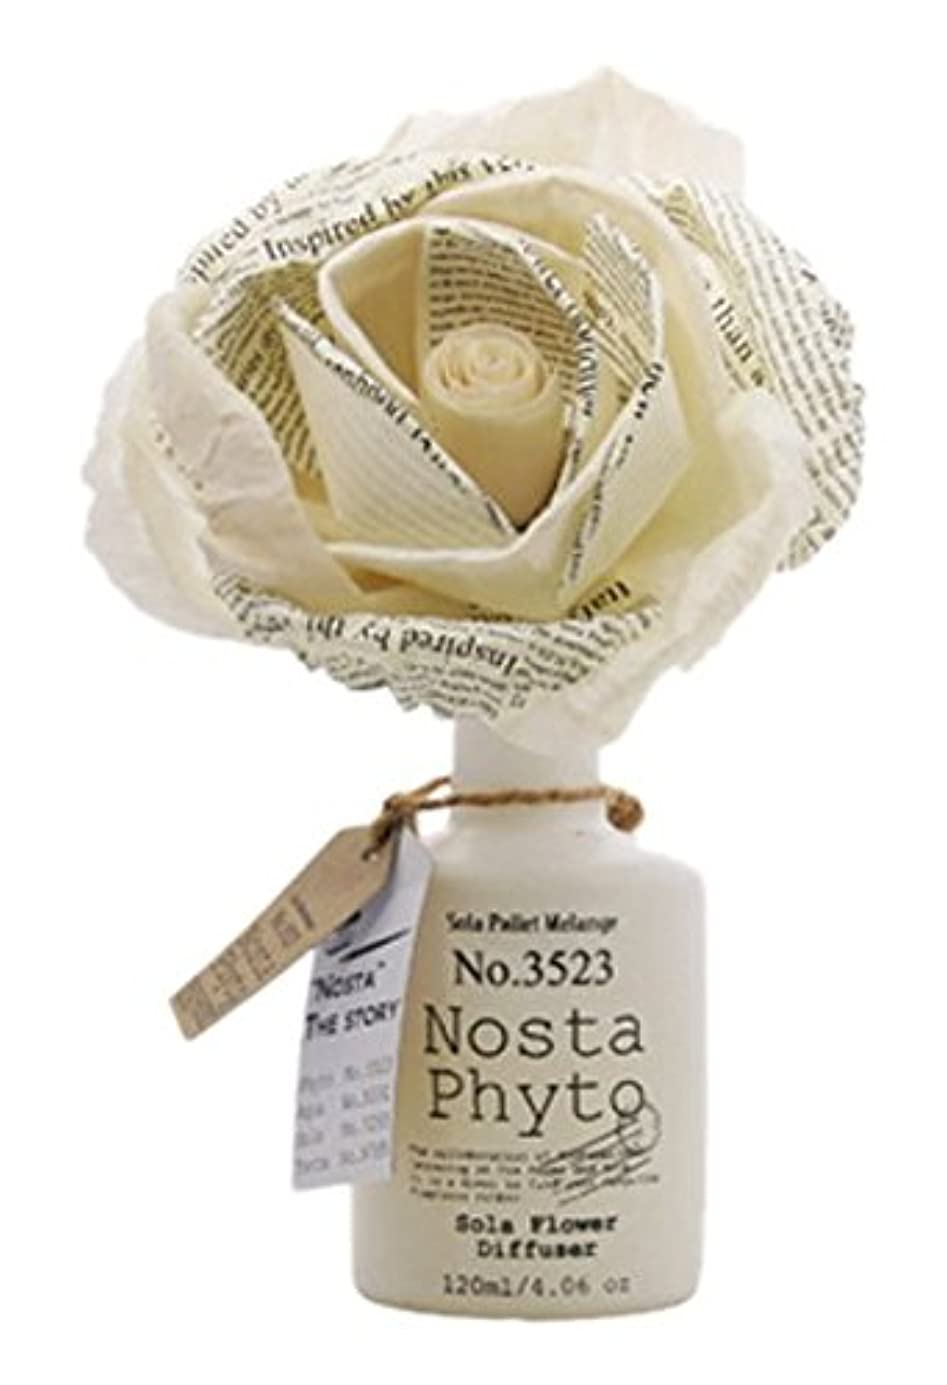 ベアリング防衛市町村Nosta ノスタ Solaflower Diffuser ソラフラワーディフューザー phyto フィト / 植物